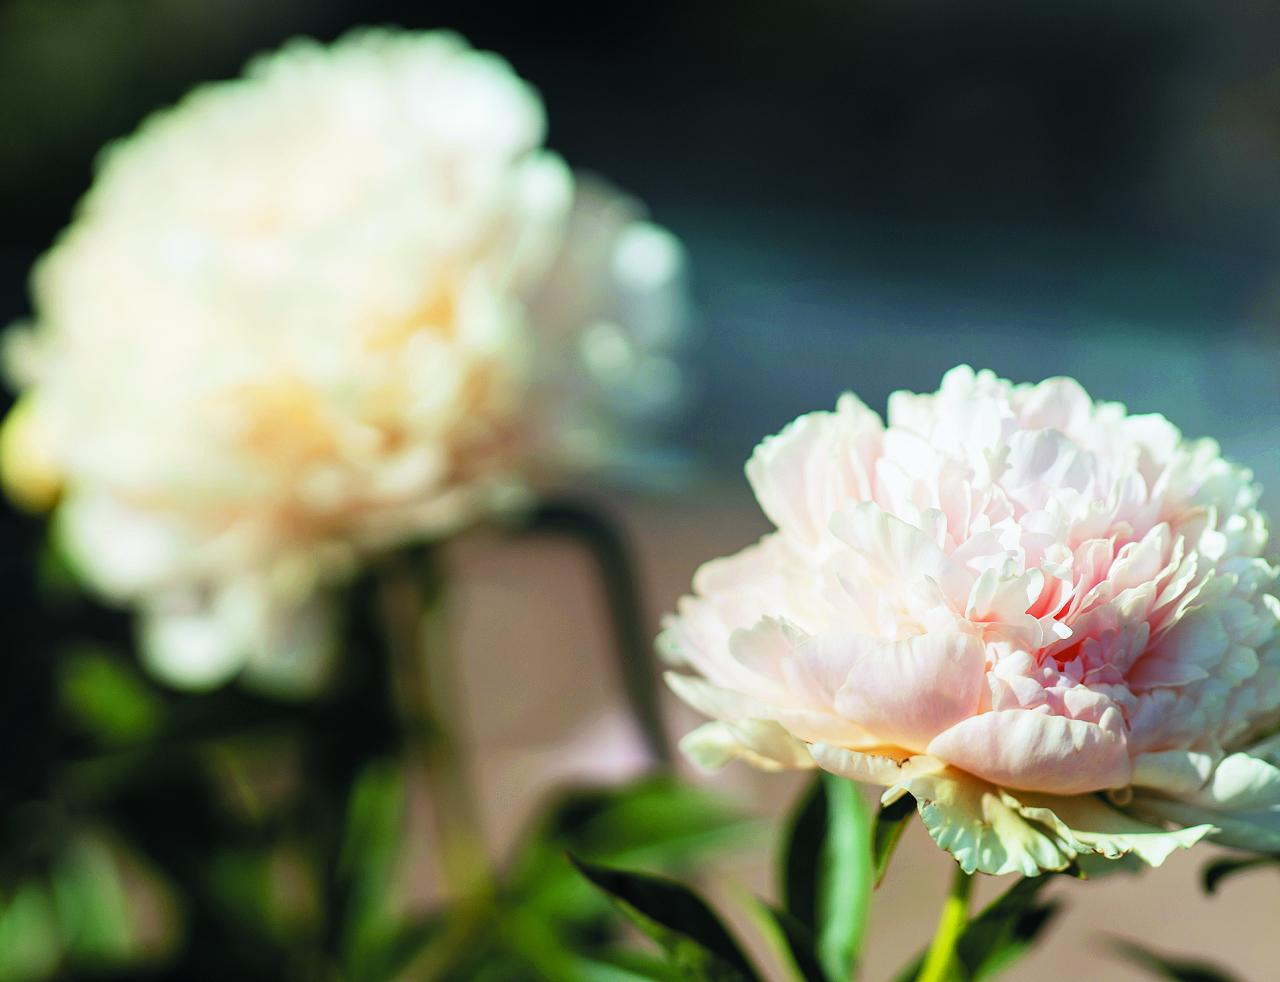 Summer Glow. Diezgan reti sastopama šķirne ar pildītiem ziediem īpatnējā iesārtā krēmkrāsas tonī. Skaista, bet aug lēni.